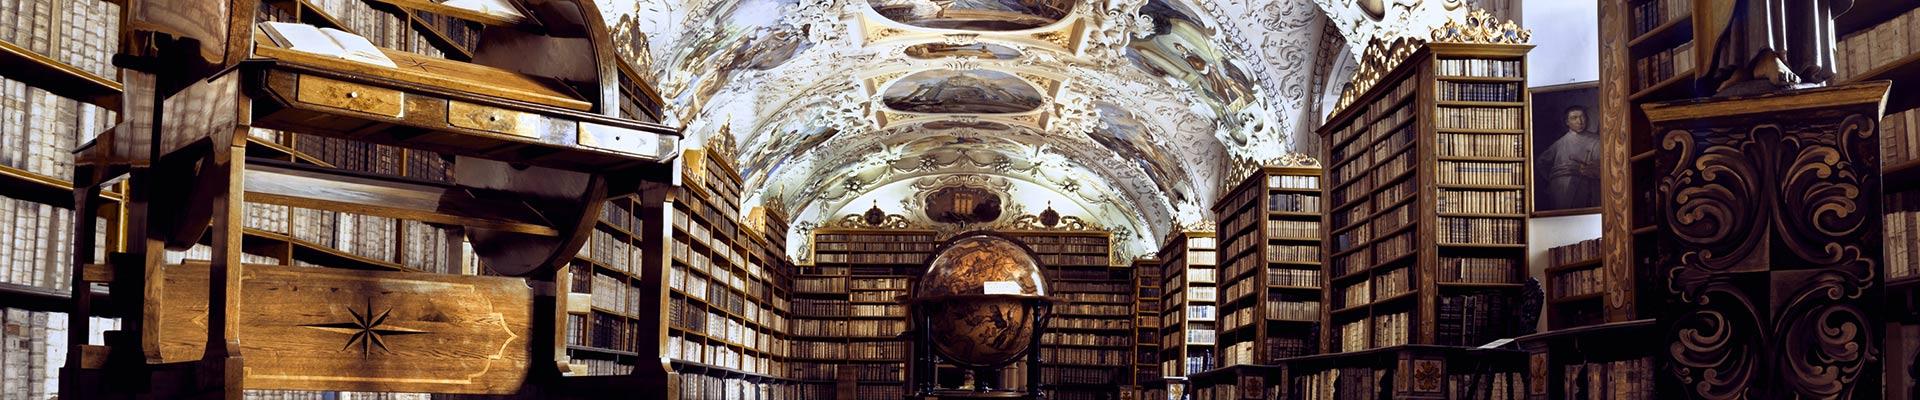 Favorito Tirrenia srl forniture biblioteca etichette arredamento  OP09